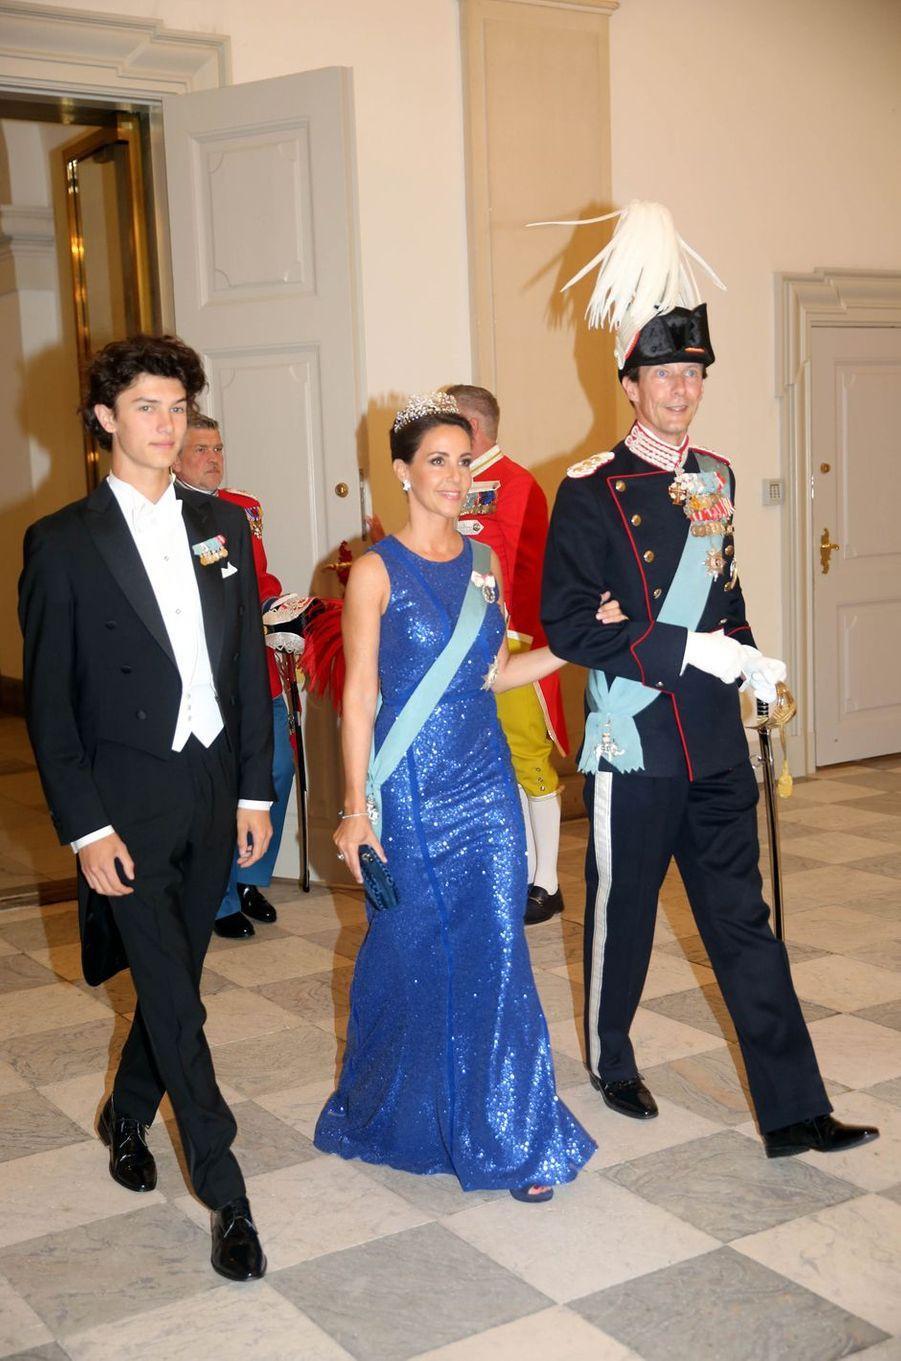 La princesse Marie de Danemark avec les princes Nikolai et Joachim à Copenhague, le 26 mai 2018